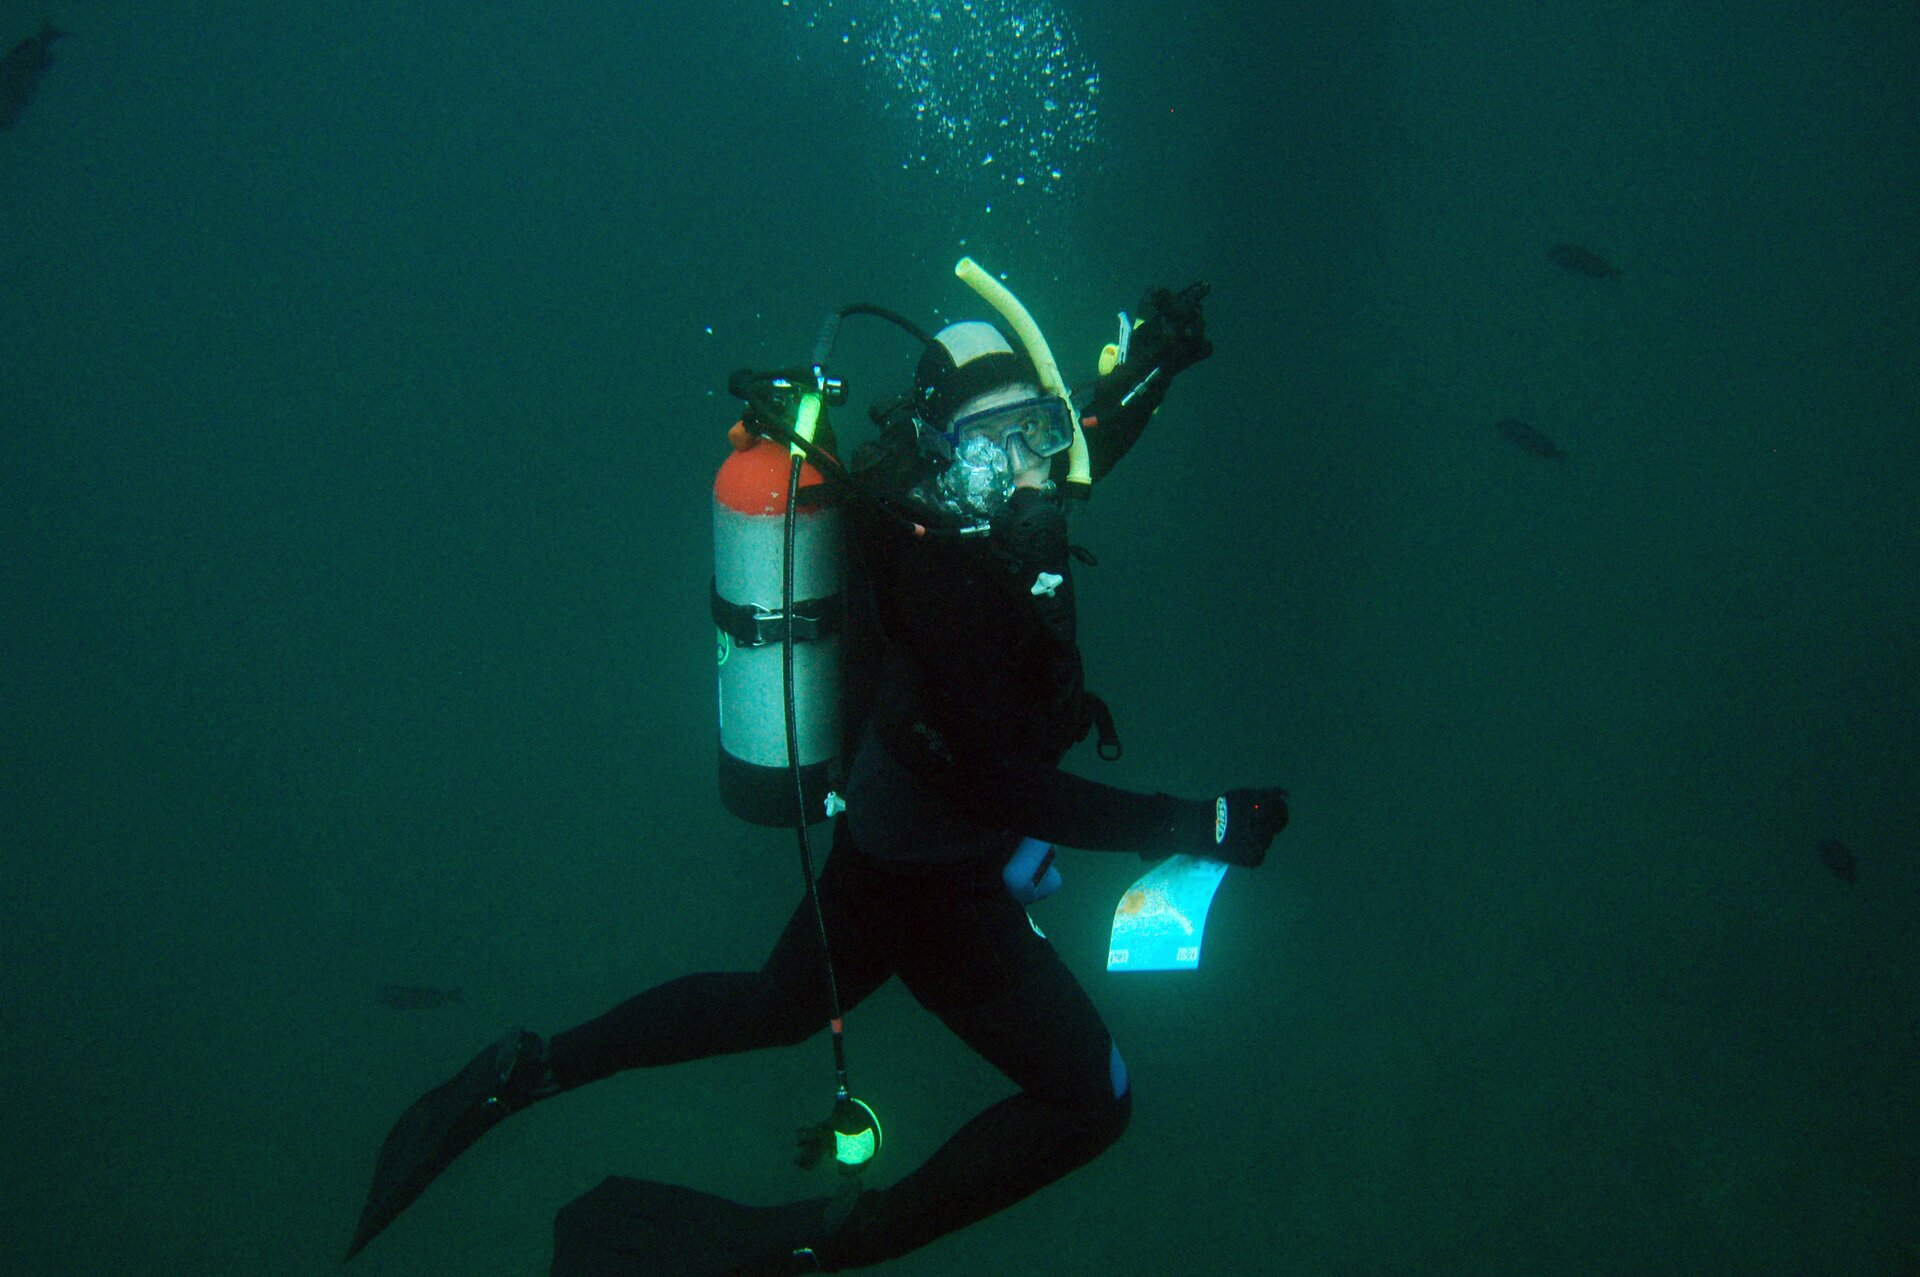 Zdjęcie przedstawia płetwonurka wwodzie ubranego wczarny kombinezon, zmaską iaparatem tlenowym na plecach. Płetwonurek spogląda na osobę wykonującą mu zdjęcie ipokazuje ręką kierunek dalszej trasy. Woda ciemna, ale widać sylwetki pływających dookoła ryb.